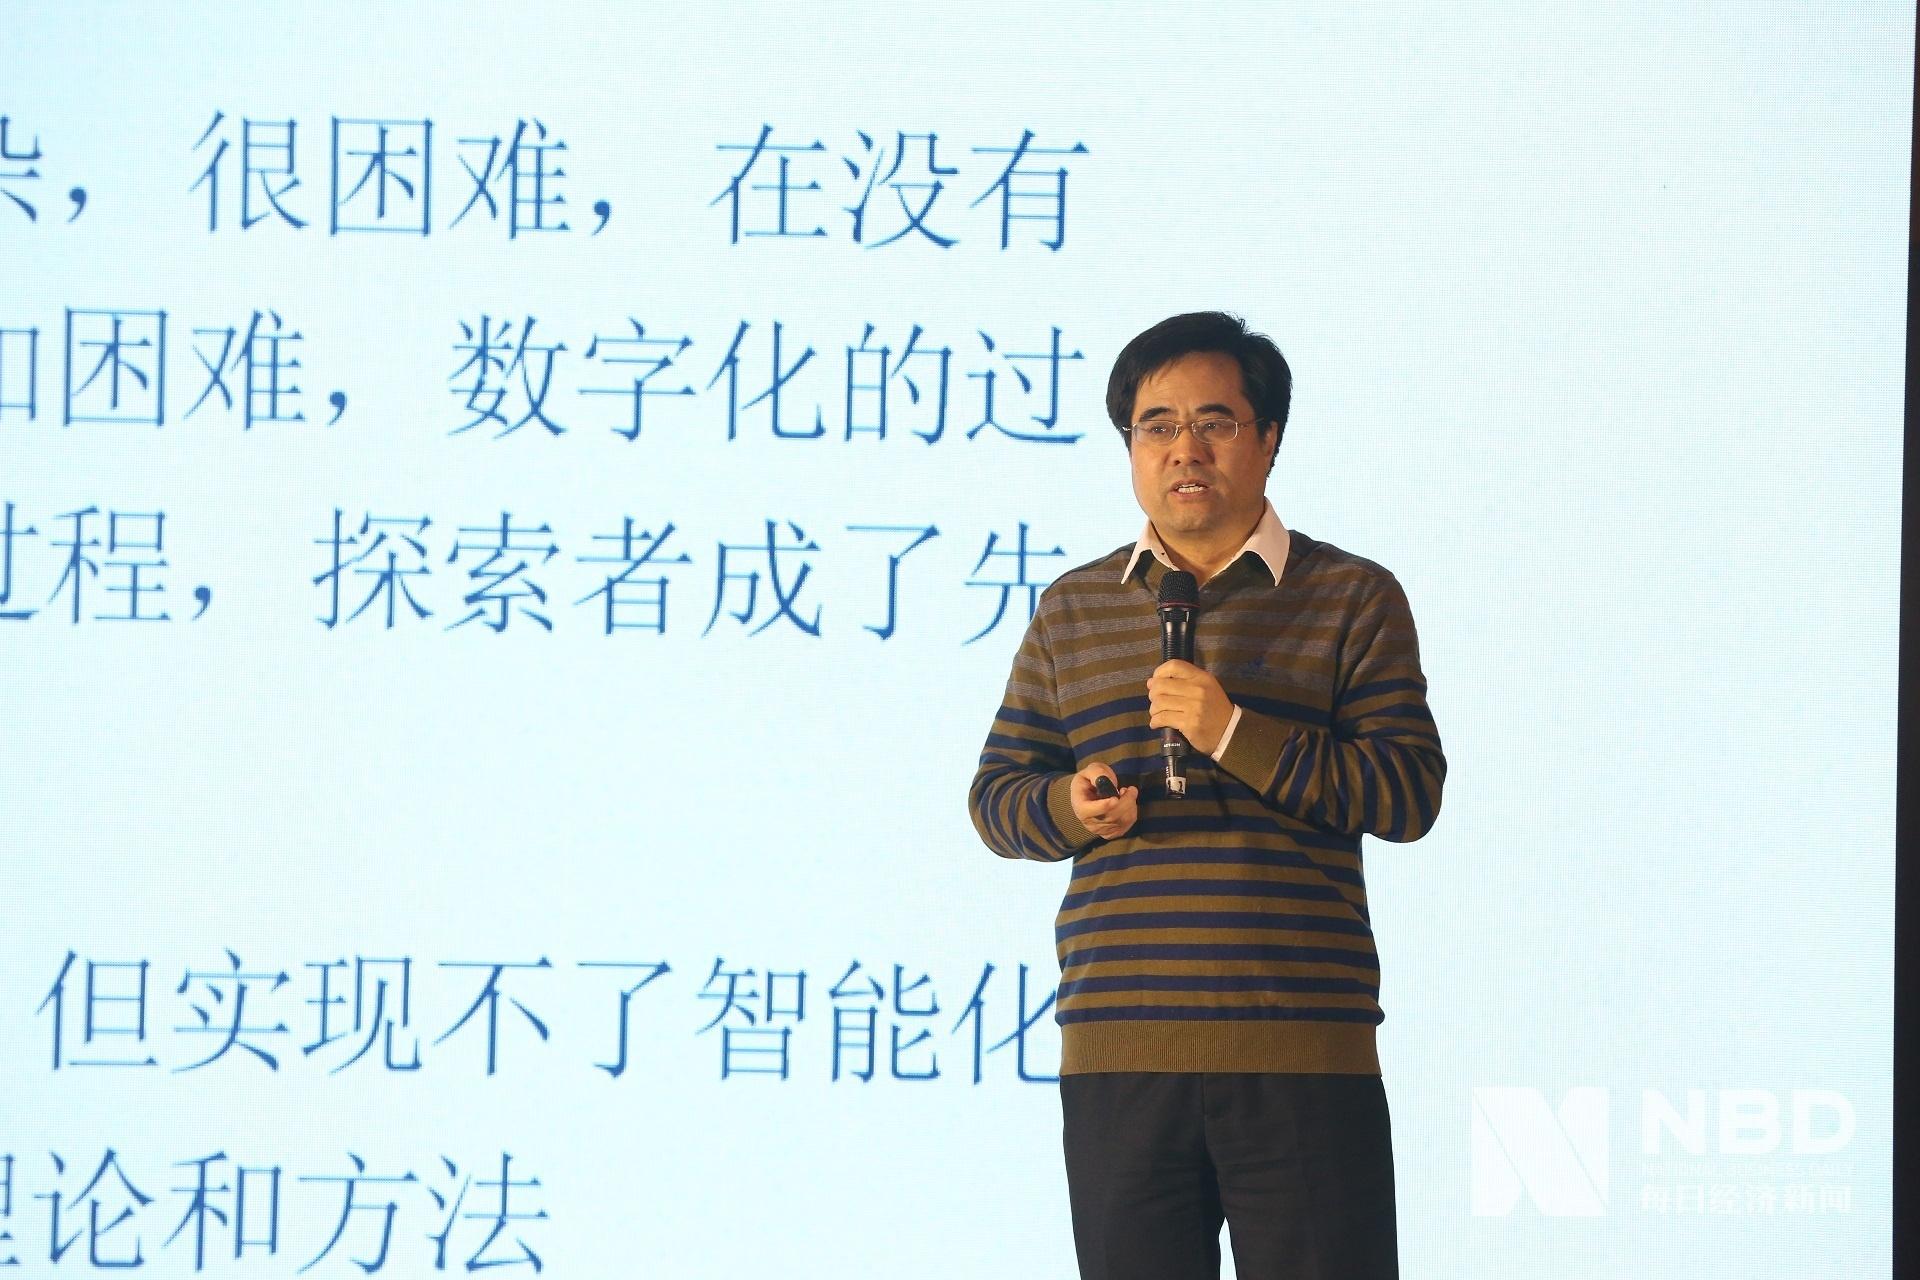 中国社科院张金昌教授:智能化会促使管理水平成倍提高